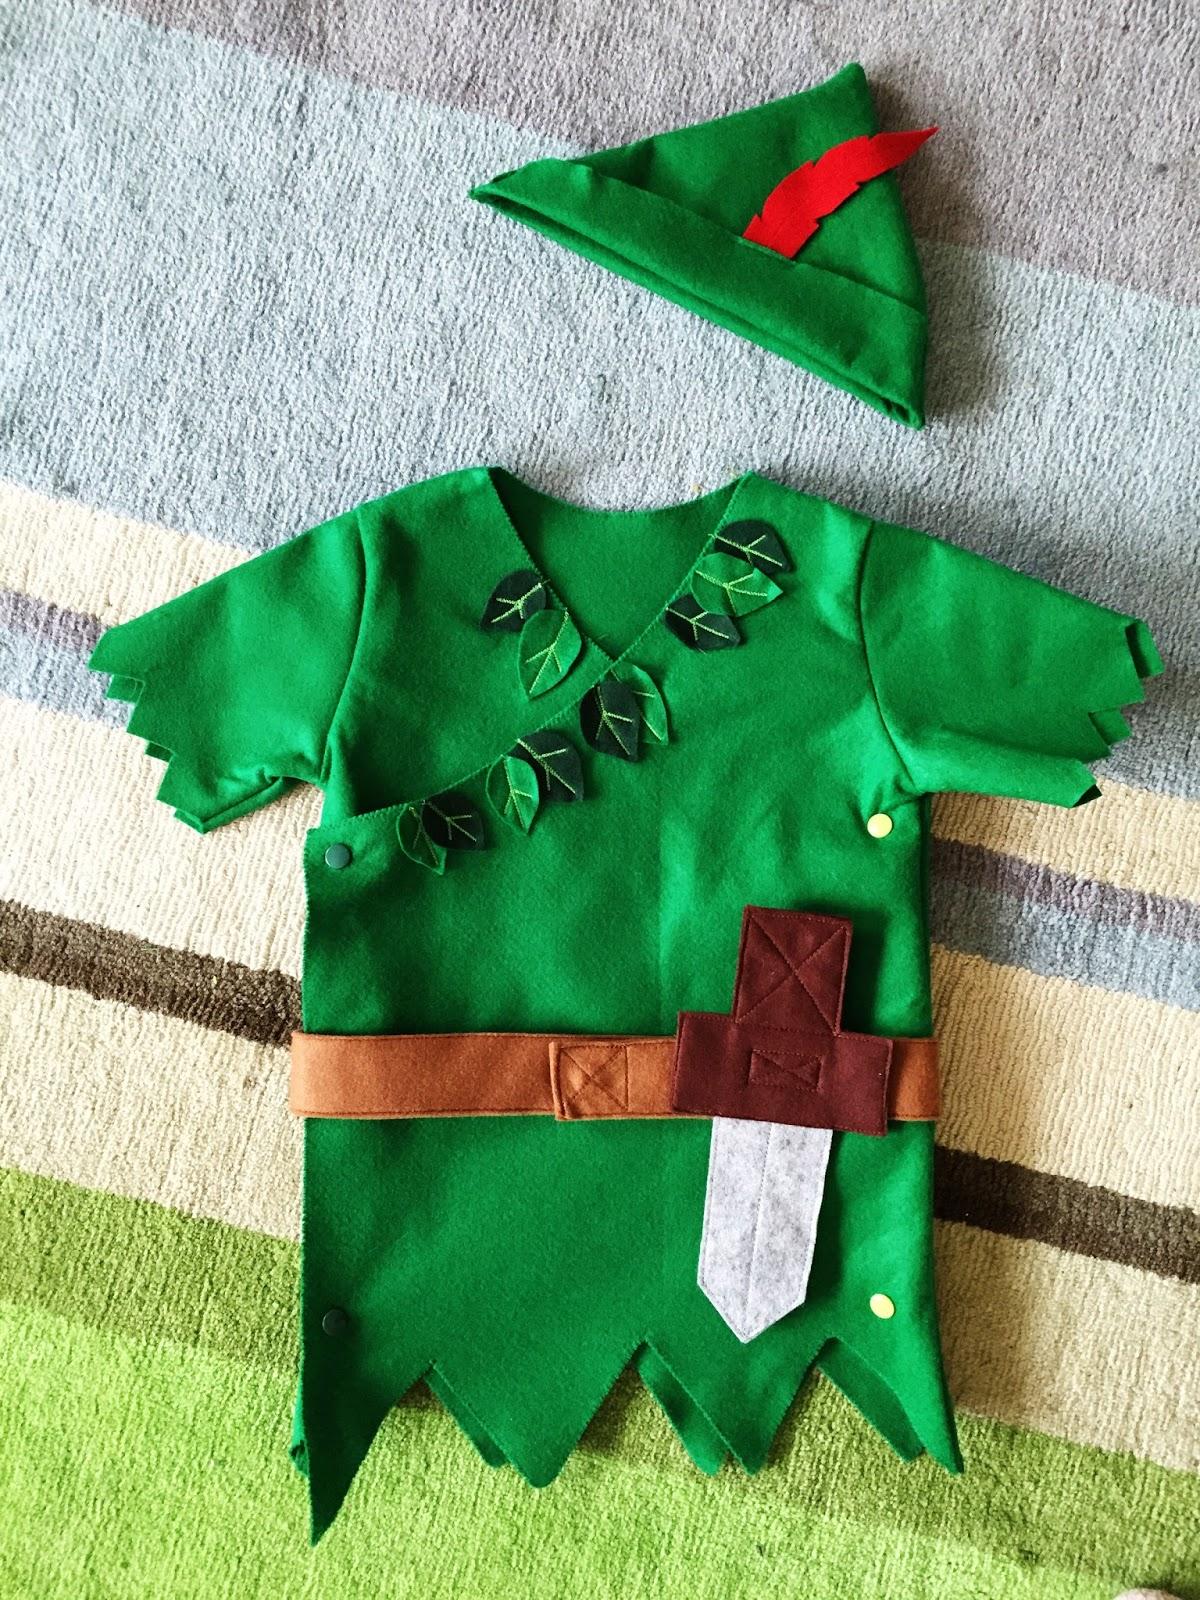 Bilder Zu Peter Pan Kostüm Selber Machen